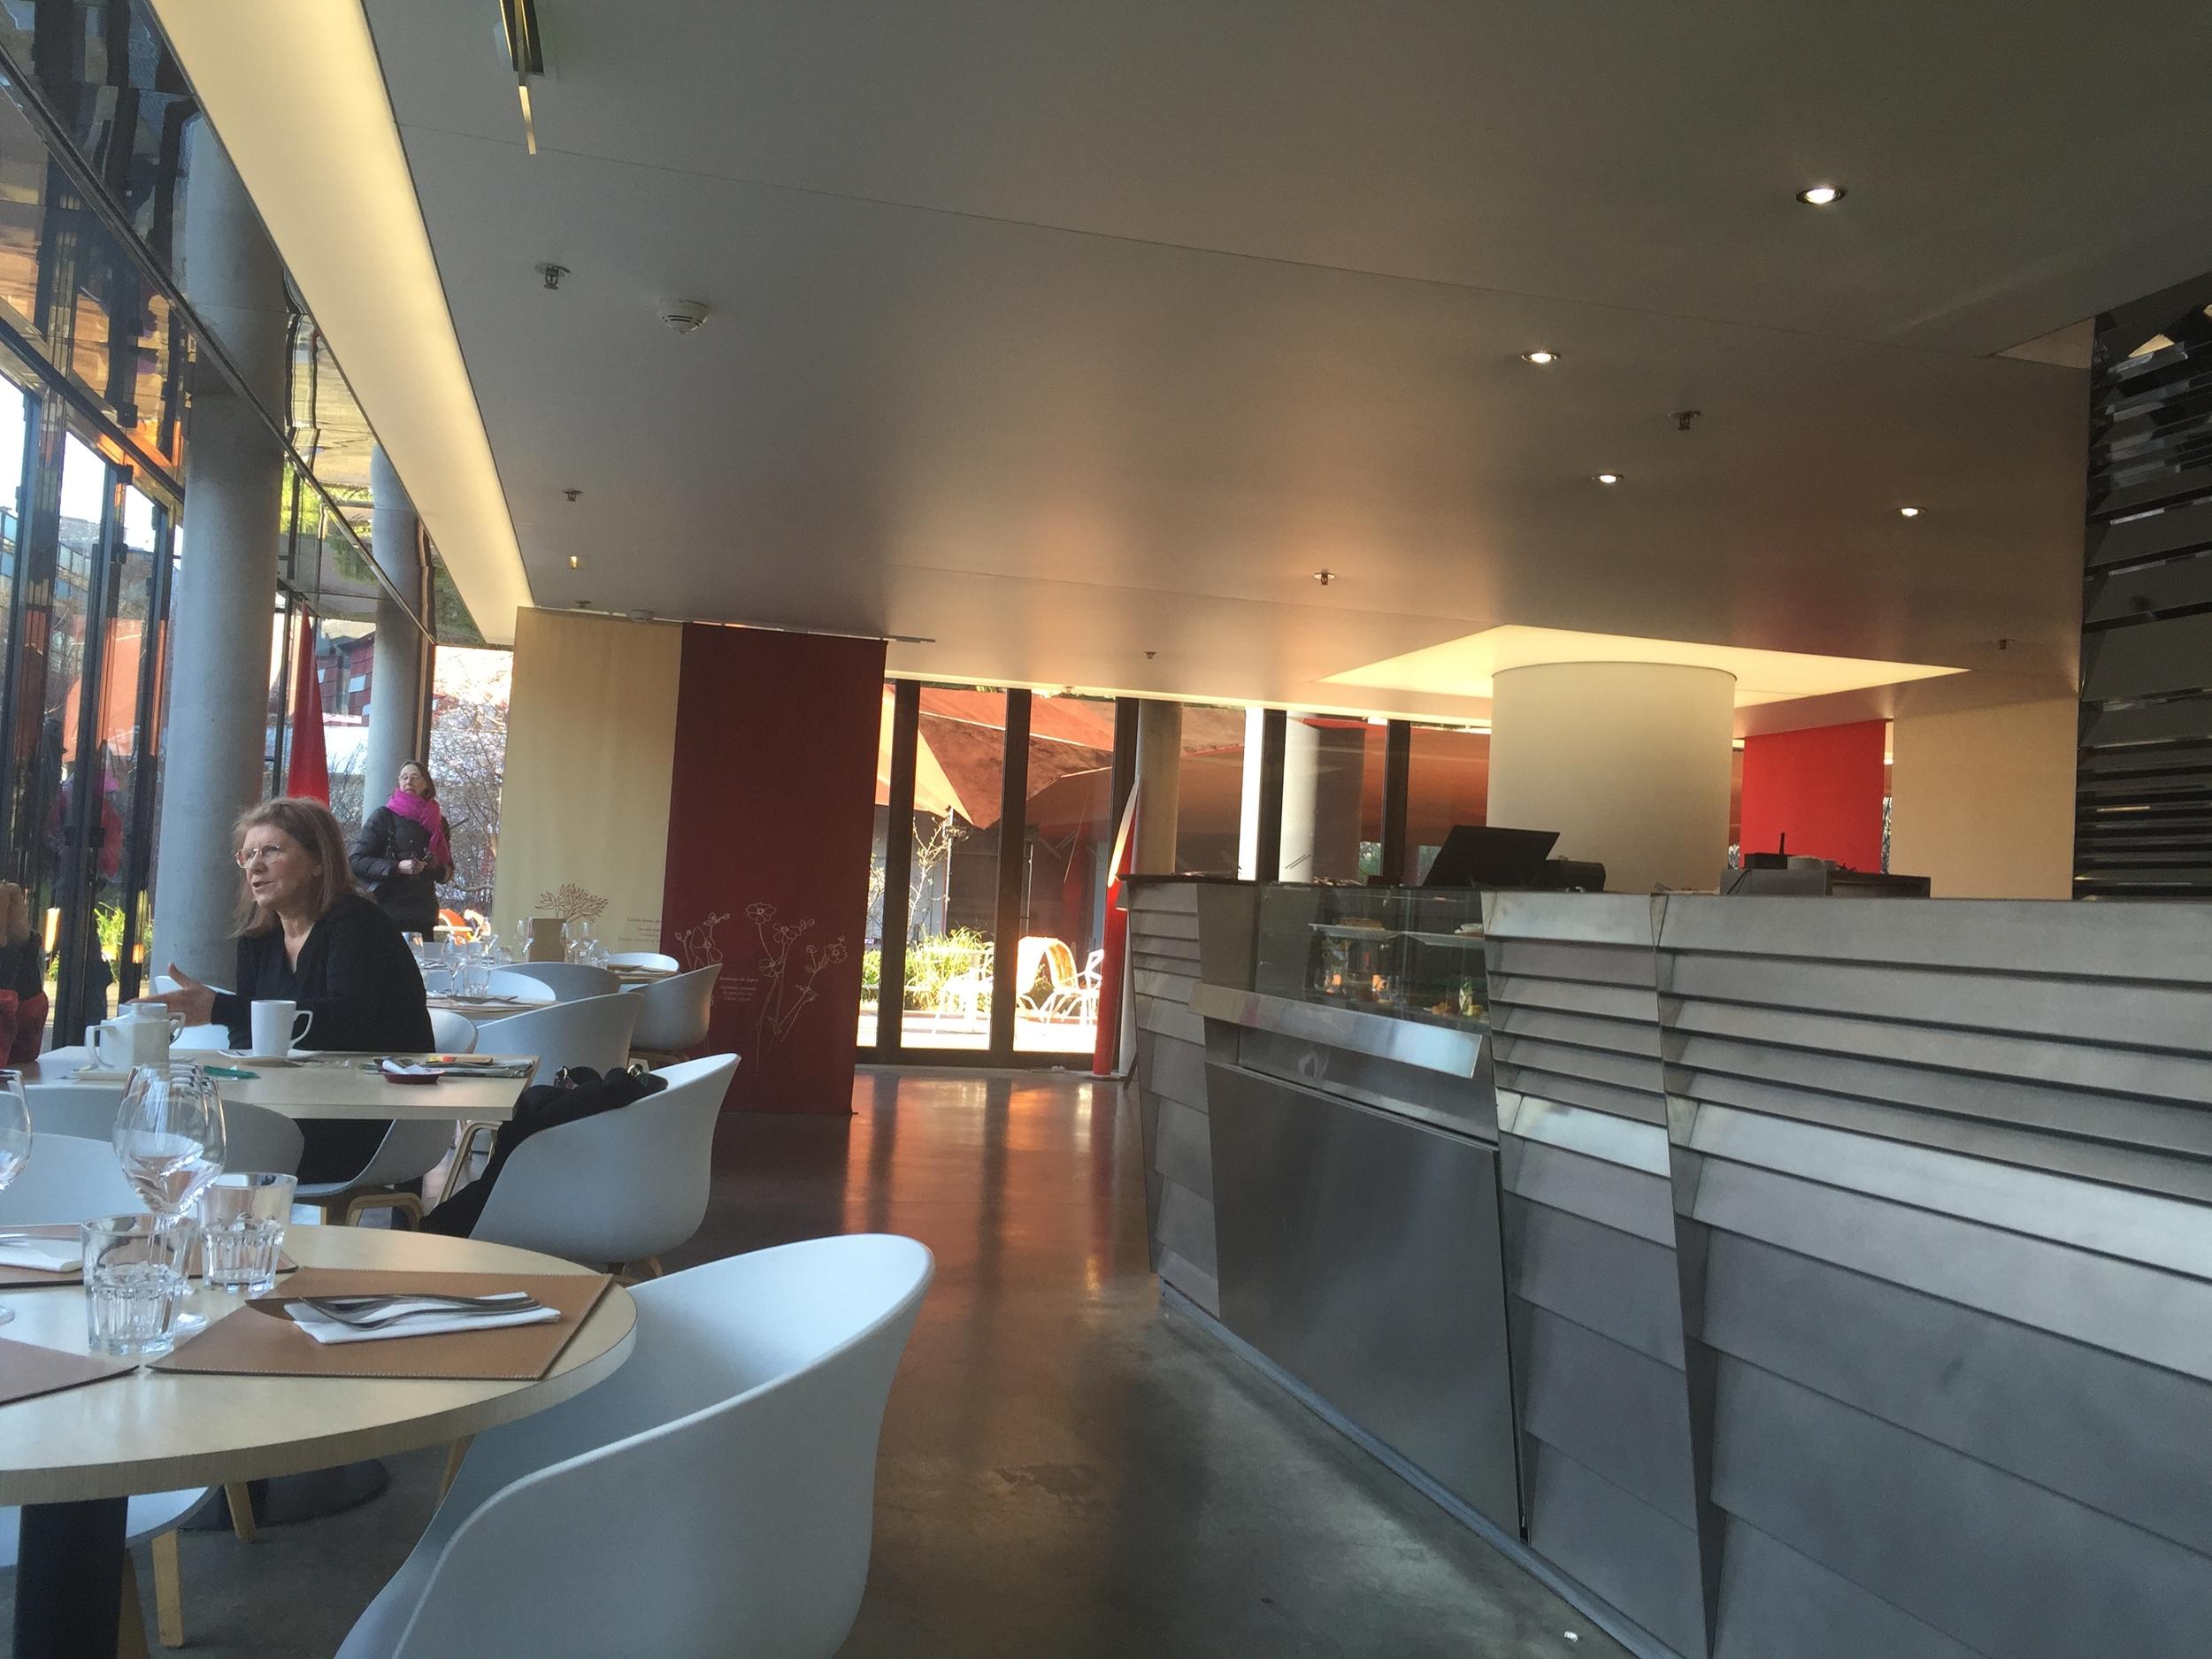 The café at the Musée du Quai Branly